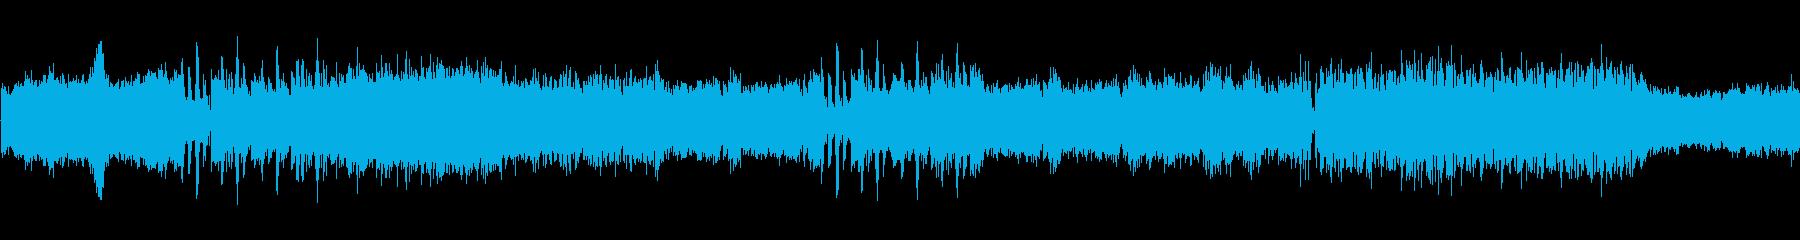 バトル光臨オーケストラエレキの再生済みの波形